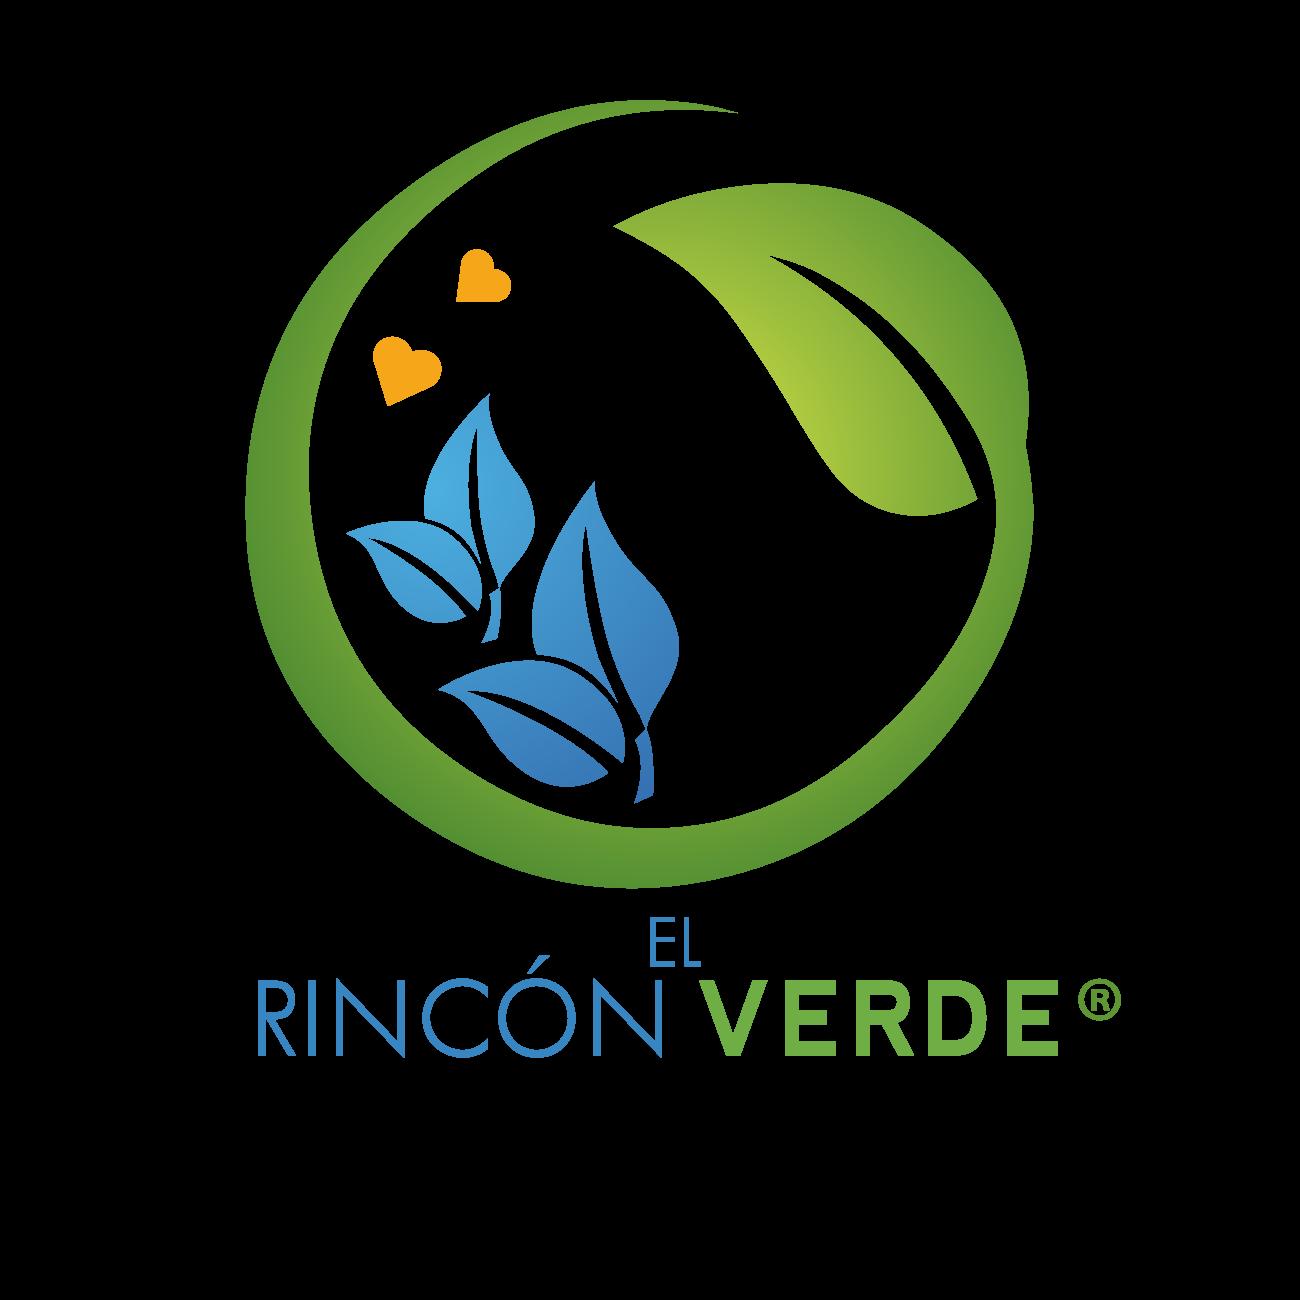 El Rincón Verde